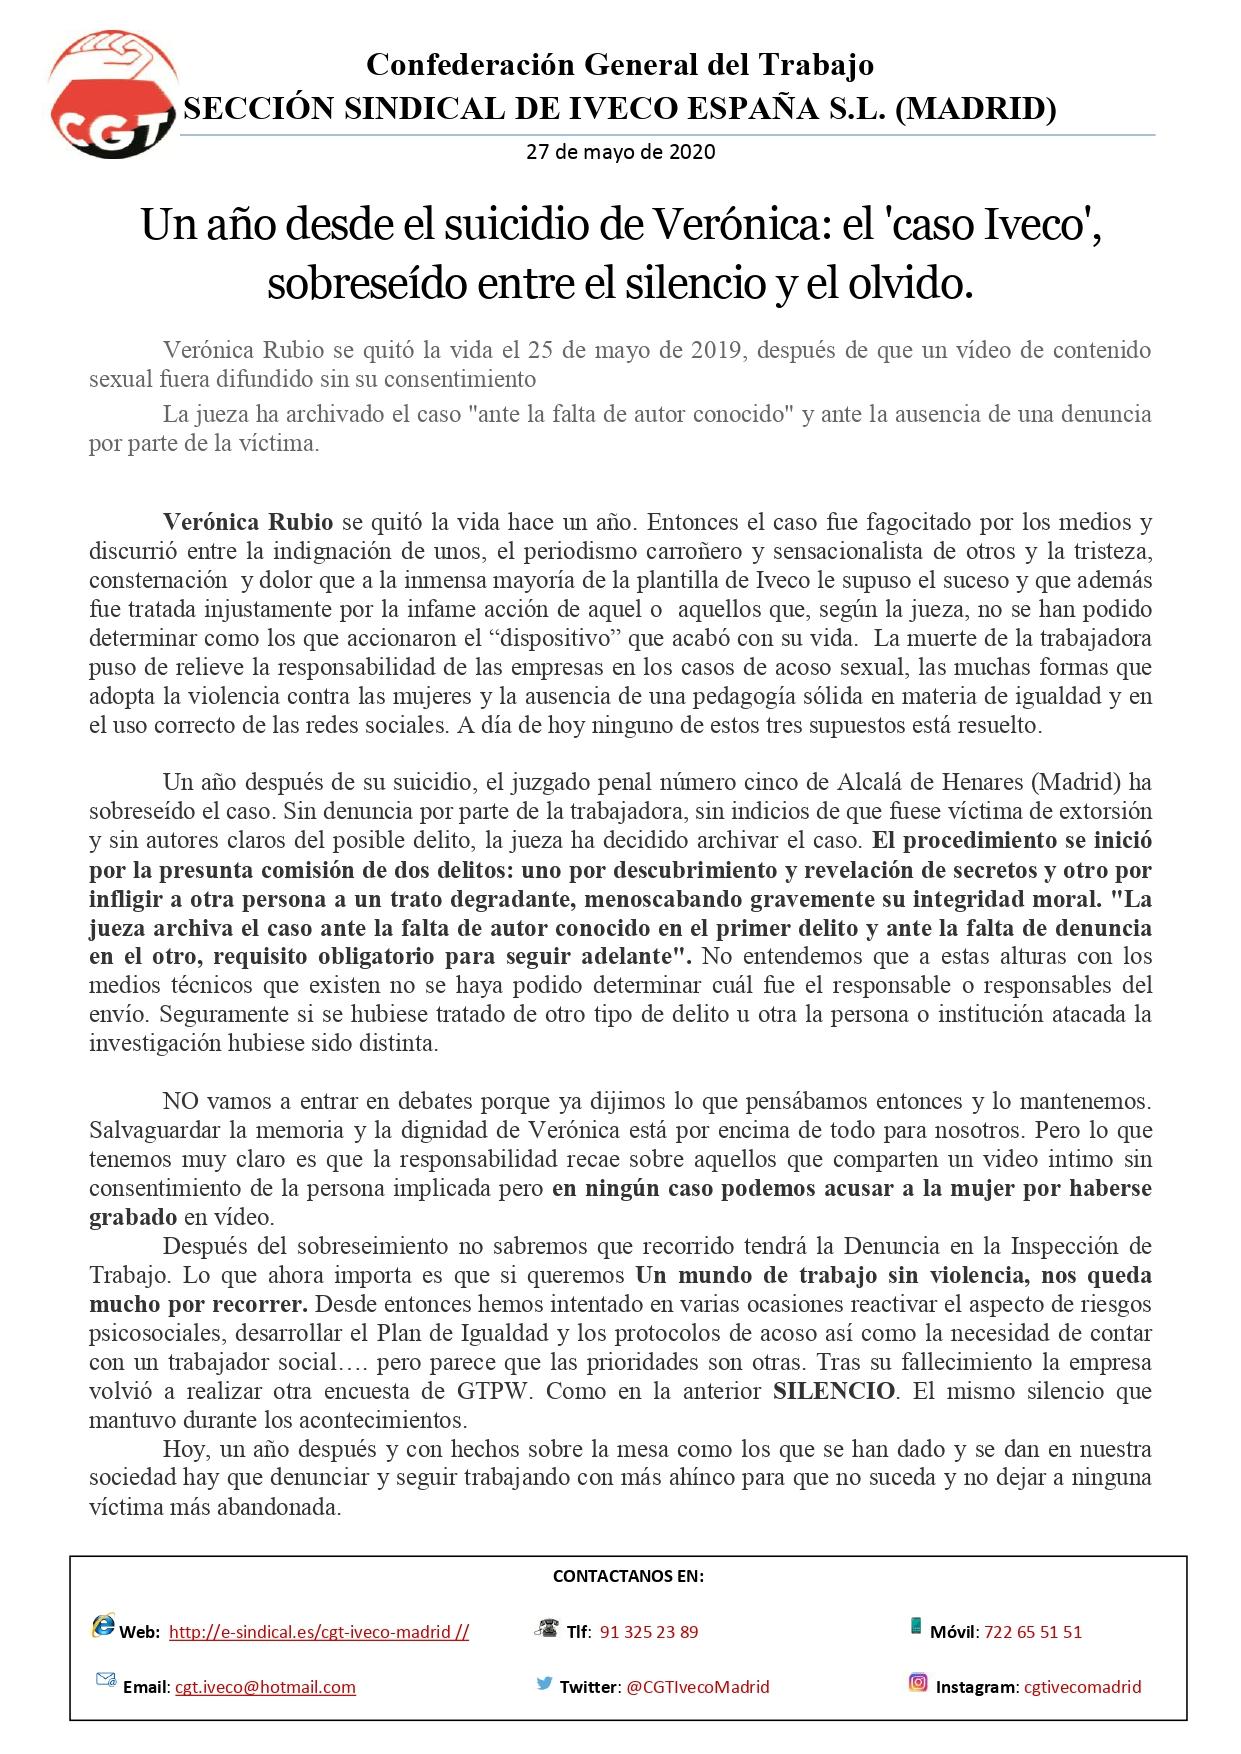 Silencio un año despues de el suicidio de Verónica_page-0001